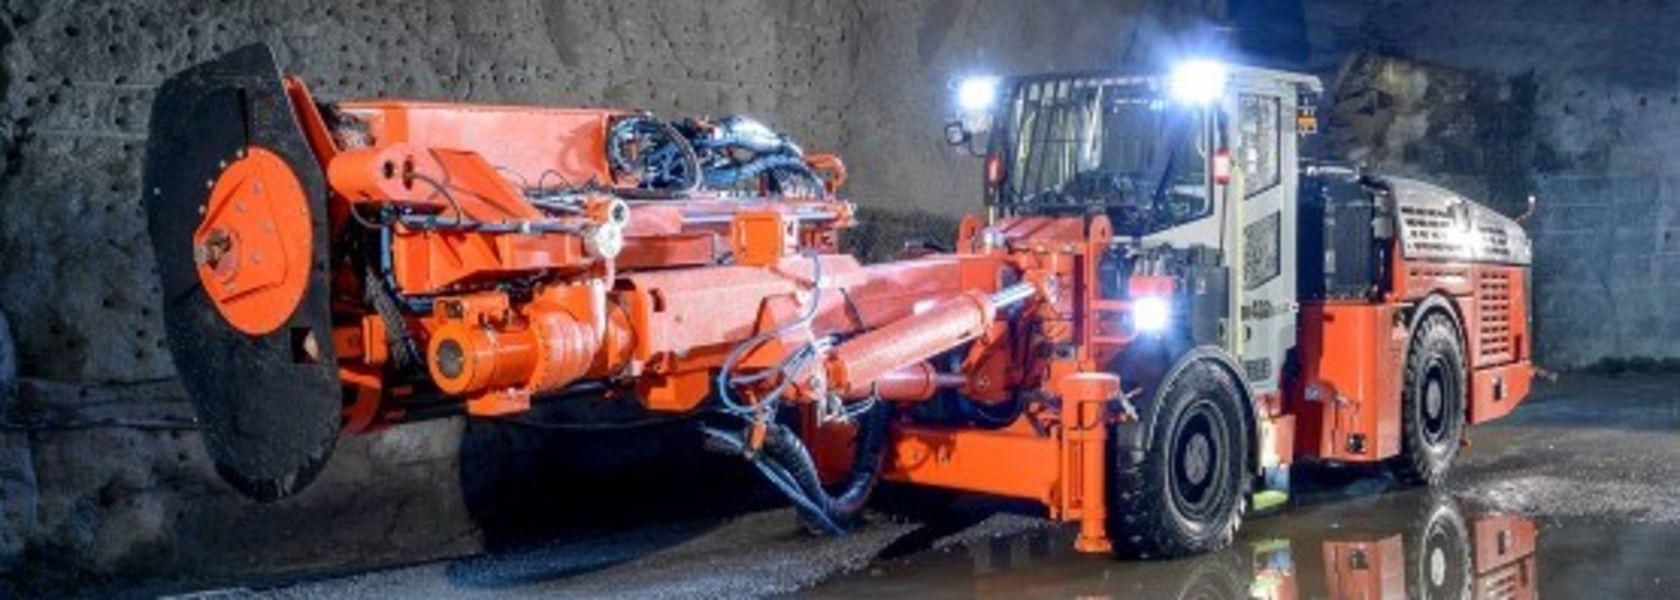 Sandvik DL432i top hammer longhole drill